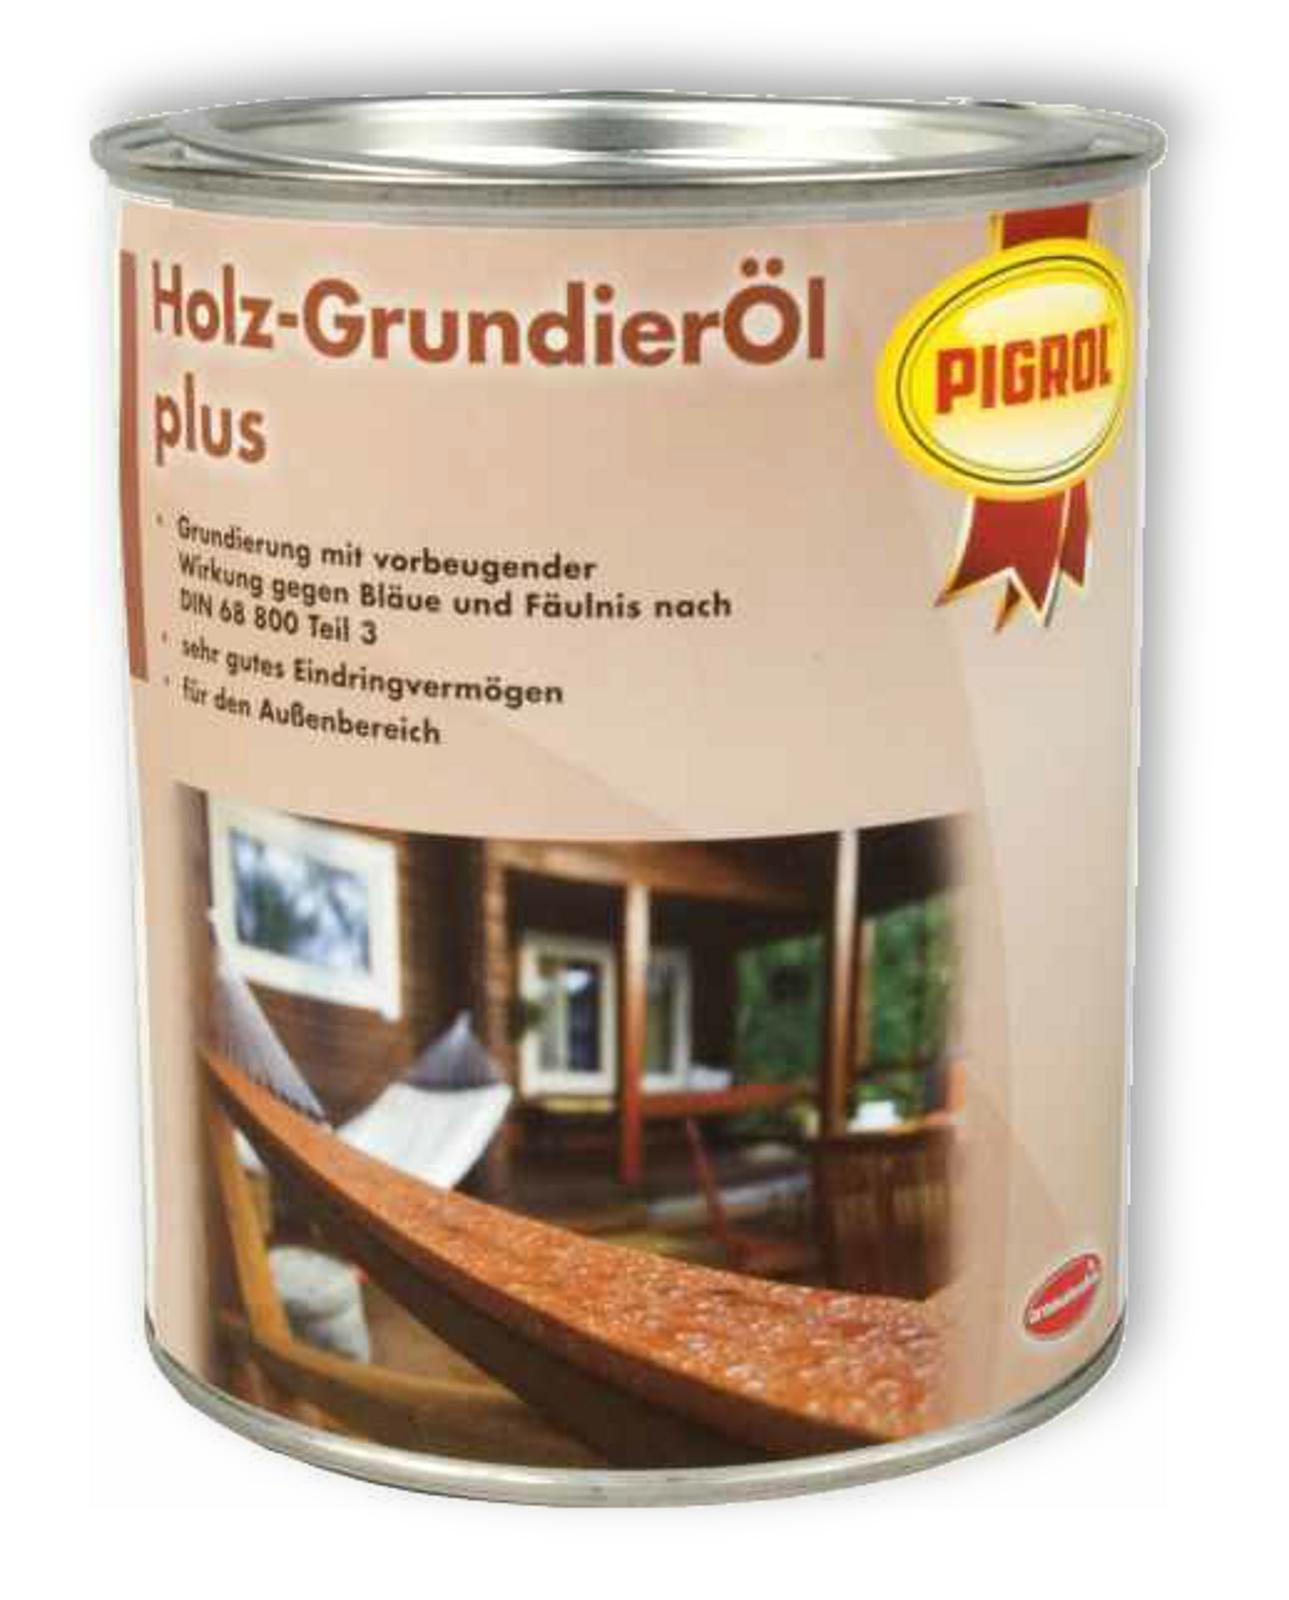 pigrol holz grundier l plus 750ml farben. Black Bedroom Furniture Sets. Home Design Ideas